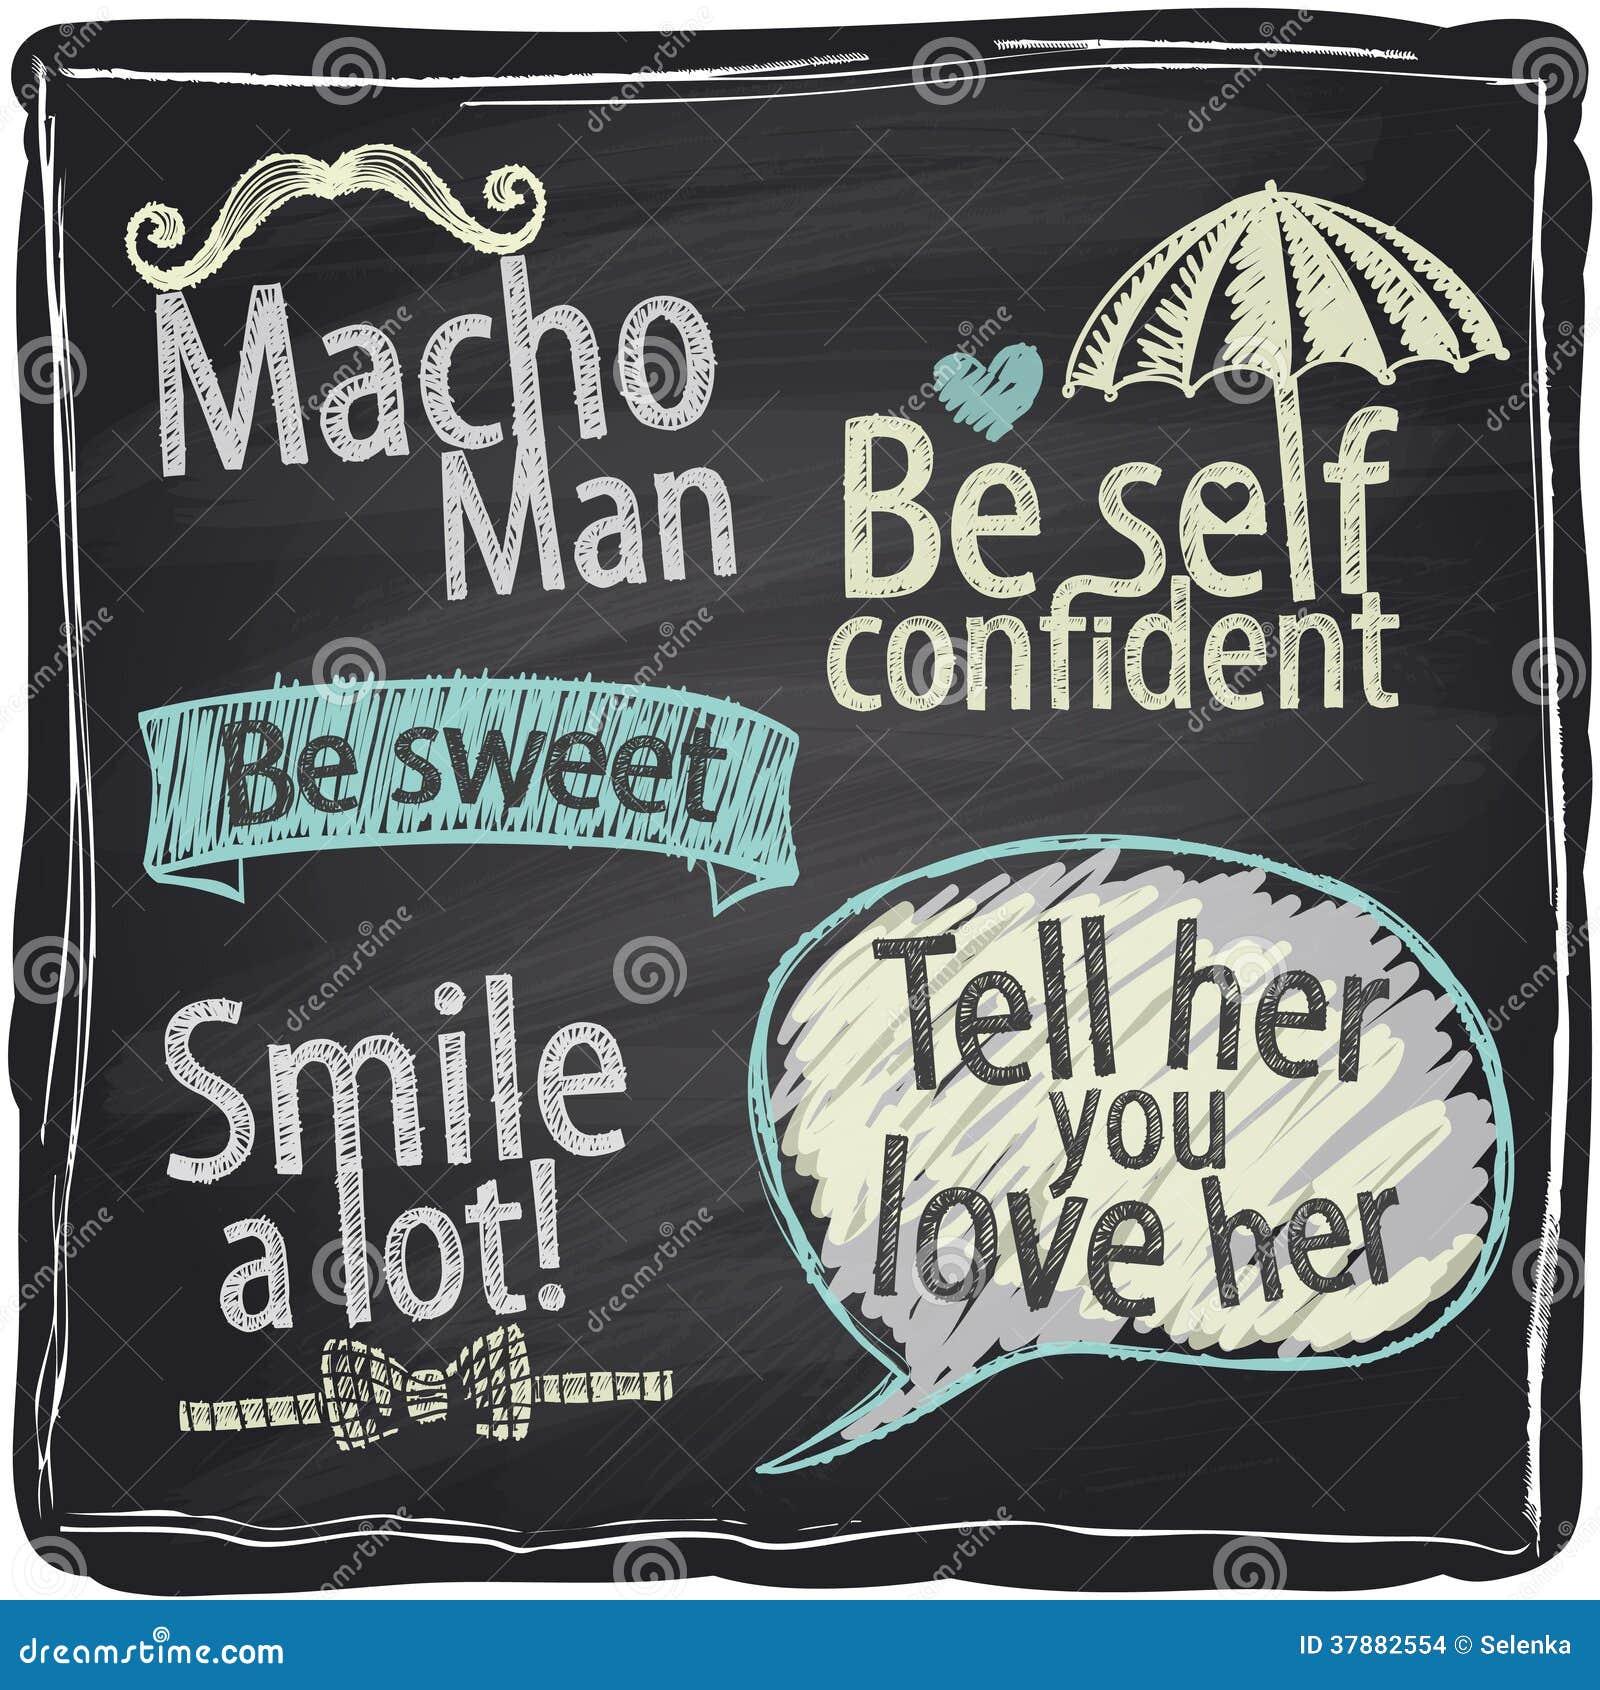 Comment être Un Fond Macho De Tableau D'homme. Images stock - Image: 37882554